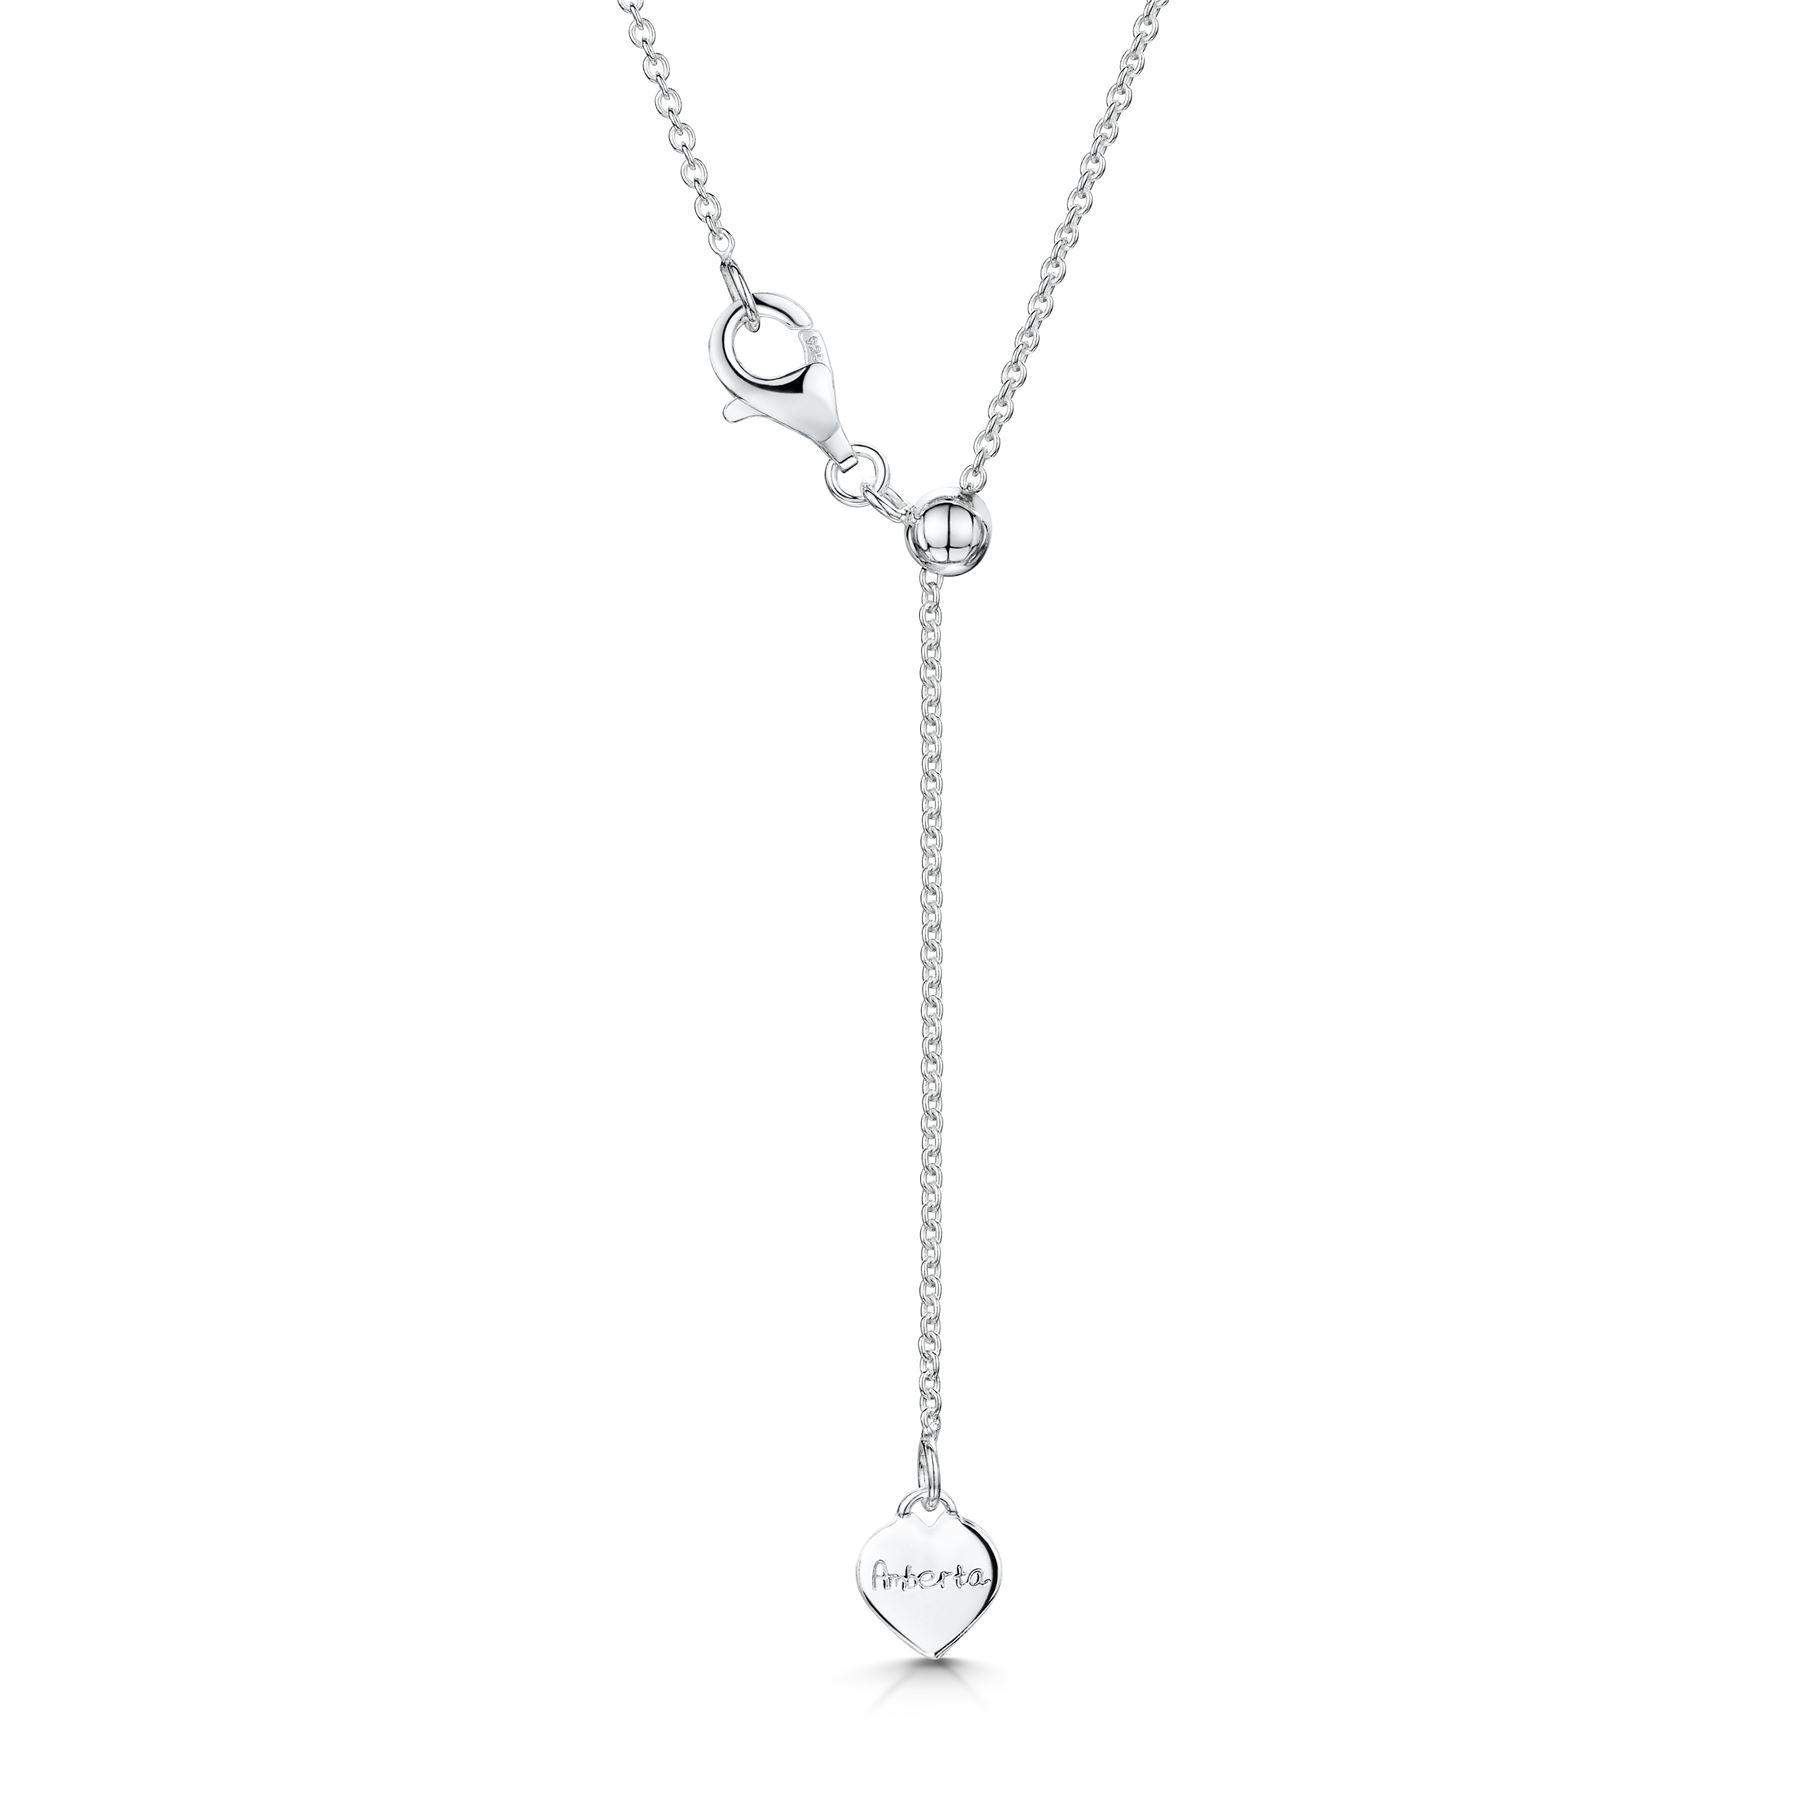 Amberta-Collar-en-Fina-Plata-de-Ley-925-Cadena-de-Corazon-Ajustable-para-Mujer miniatura 5